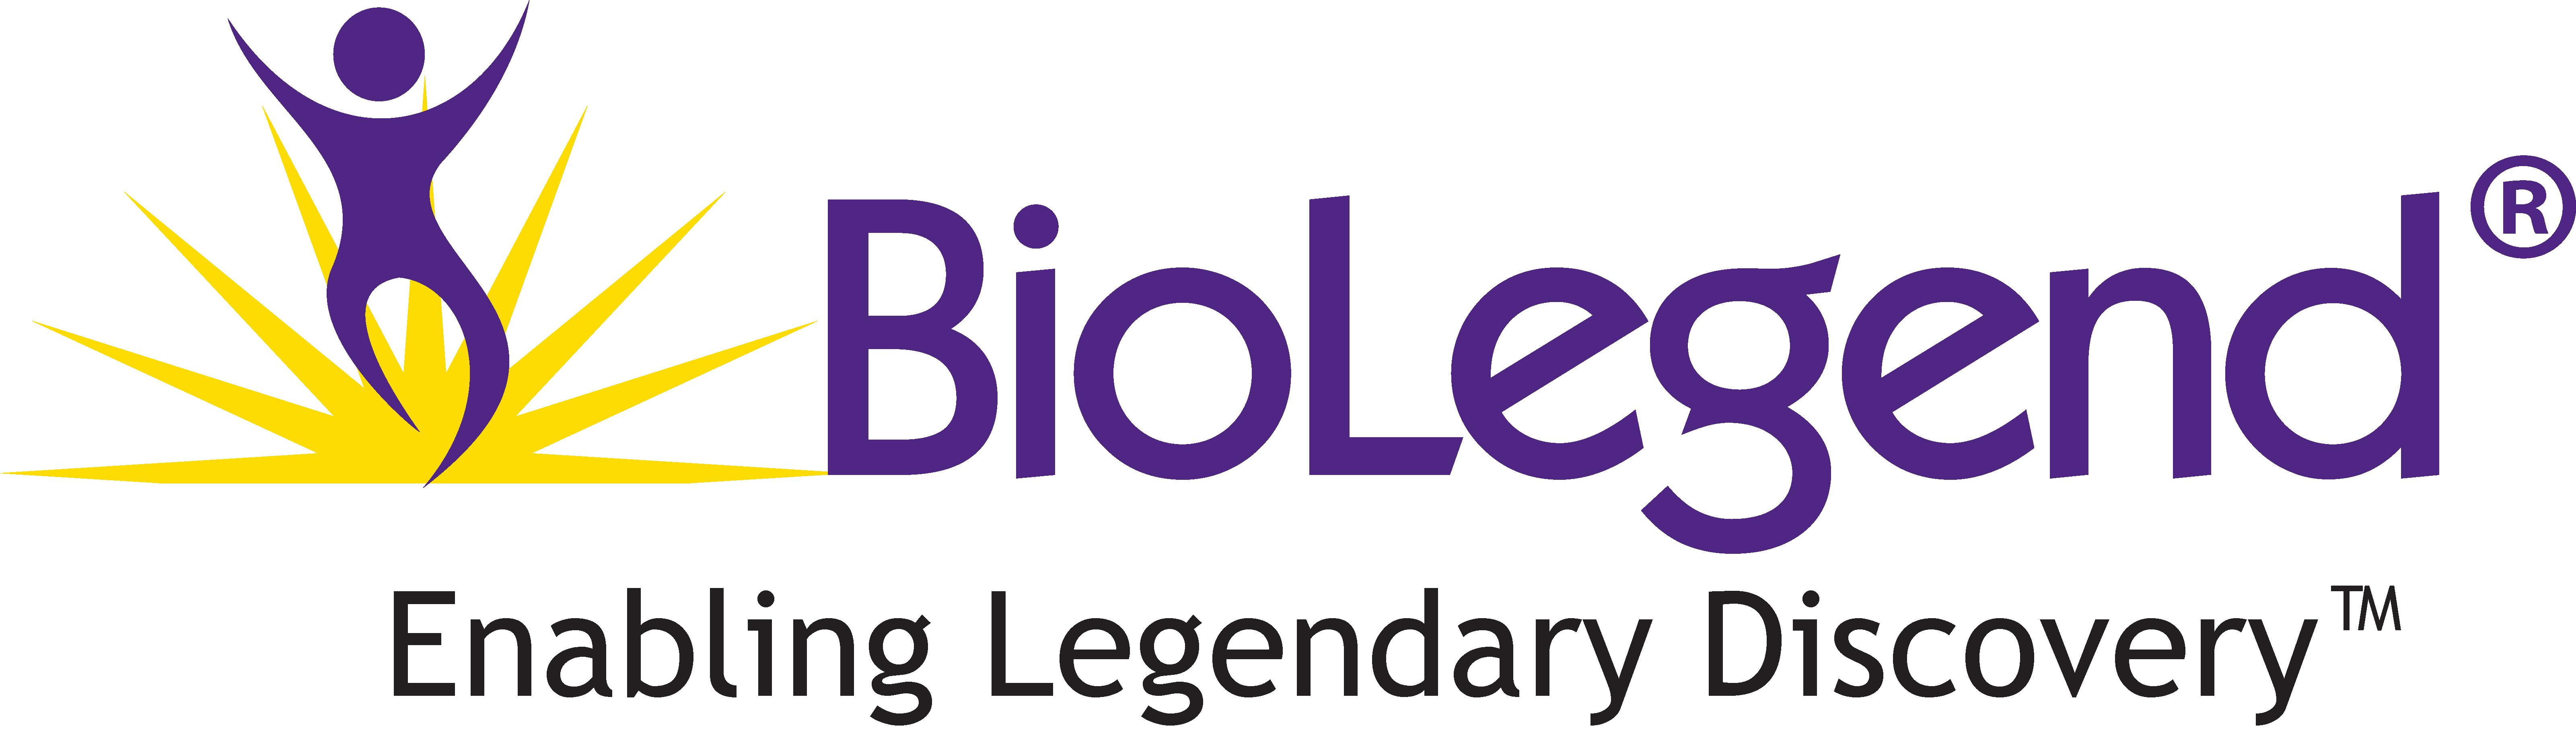 biolegend_enabling_large